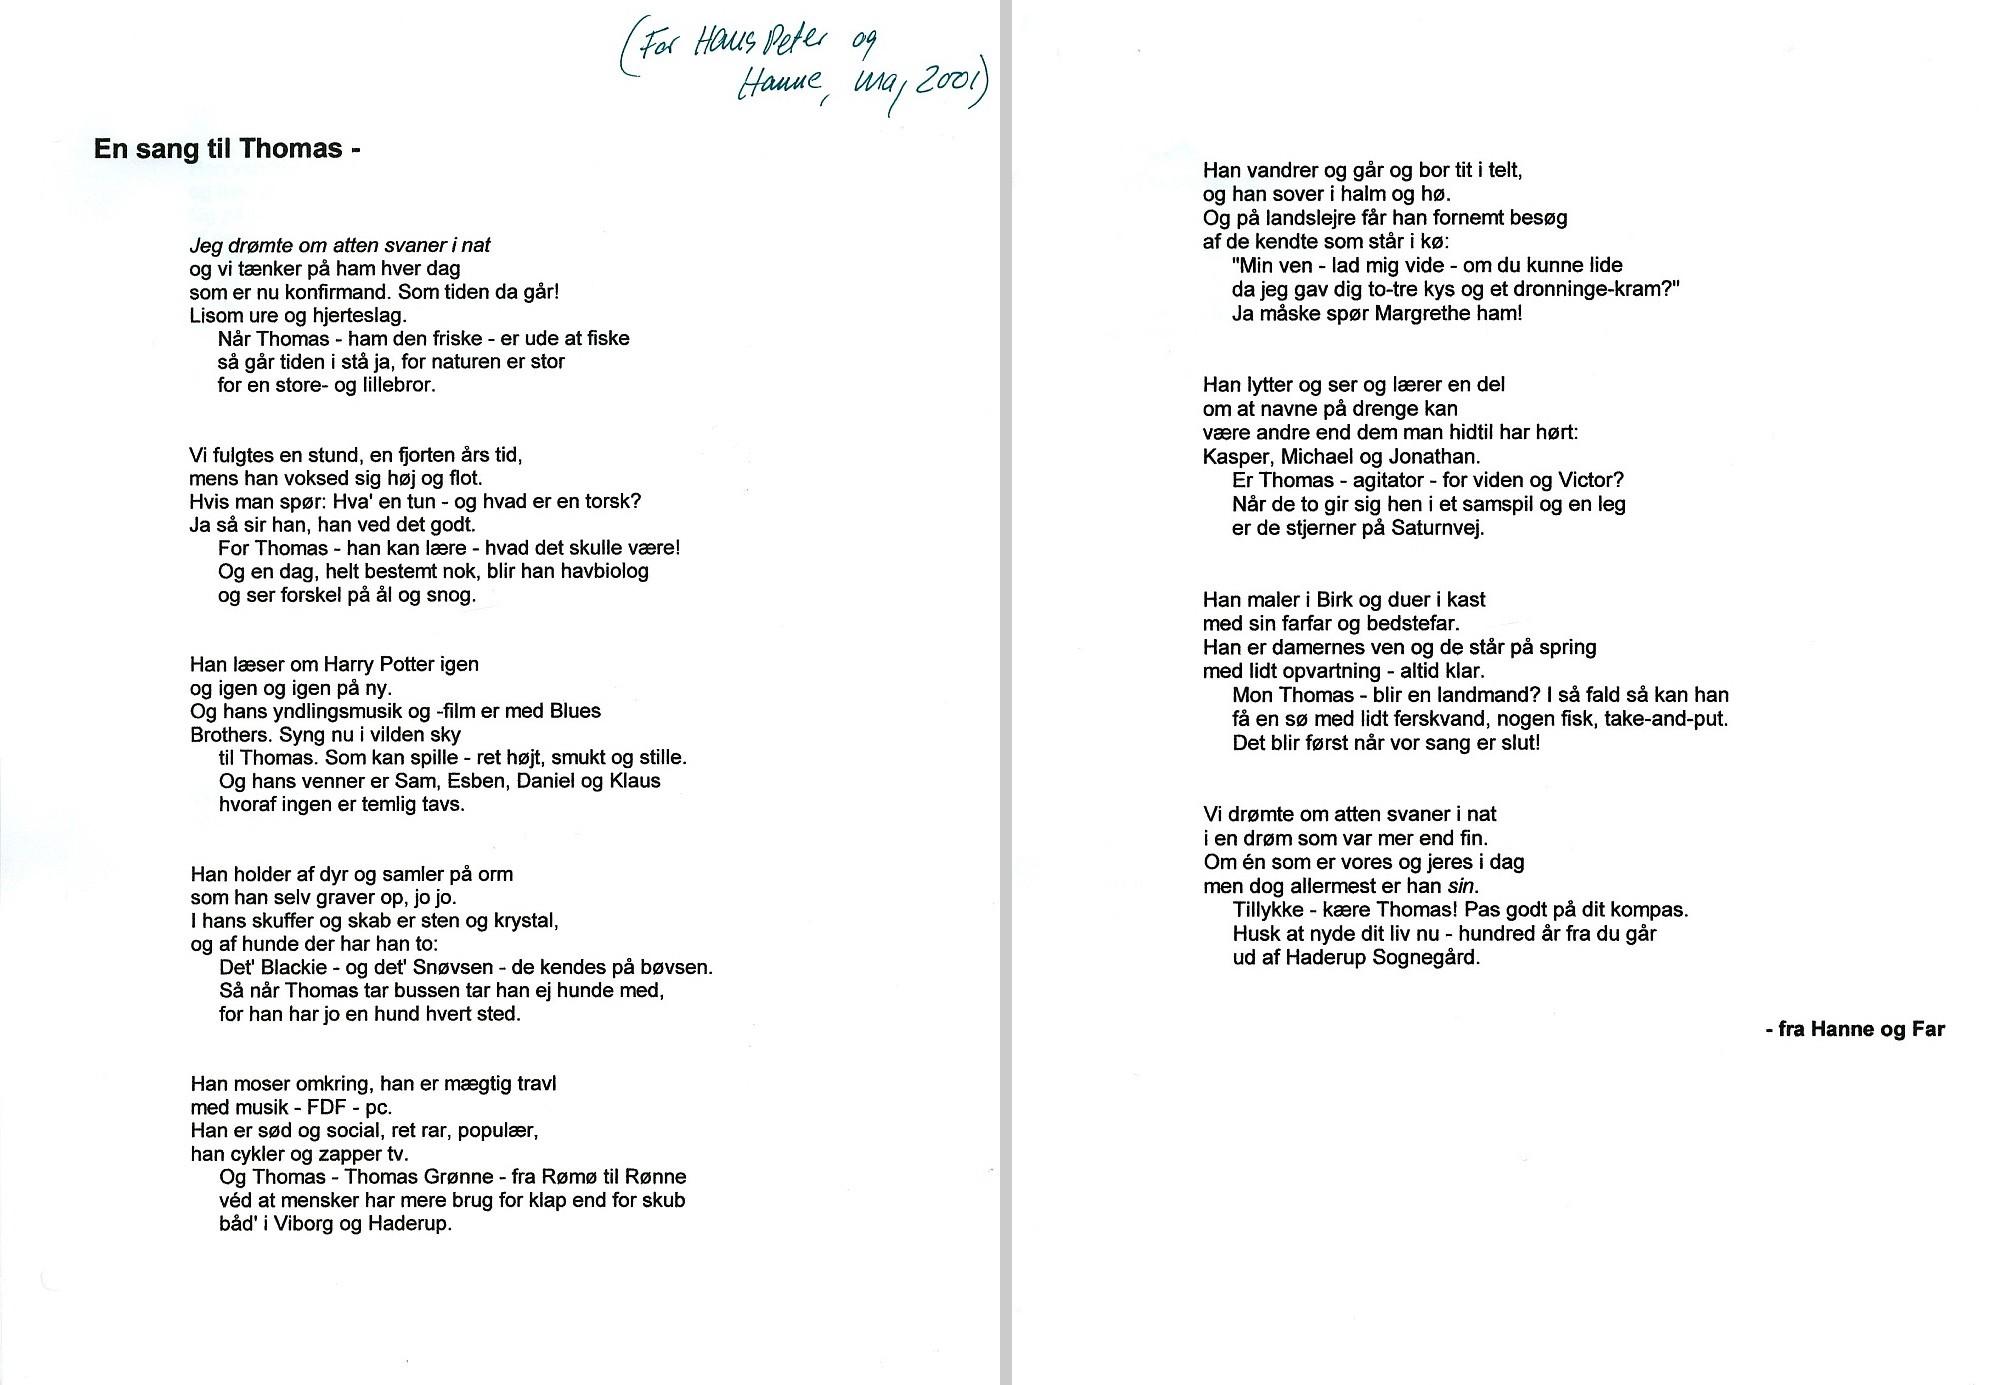 20 års fødselsdag digt